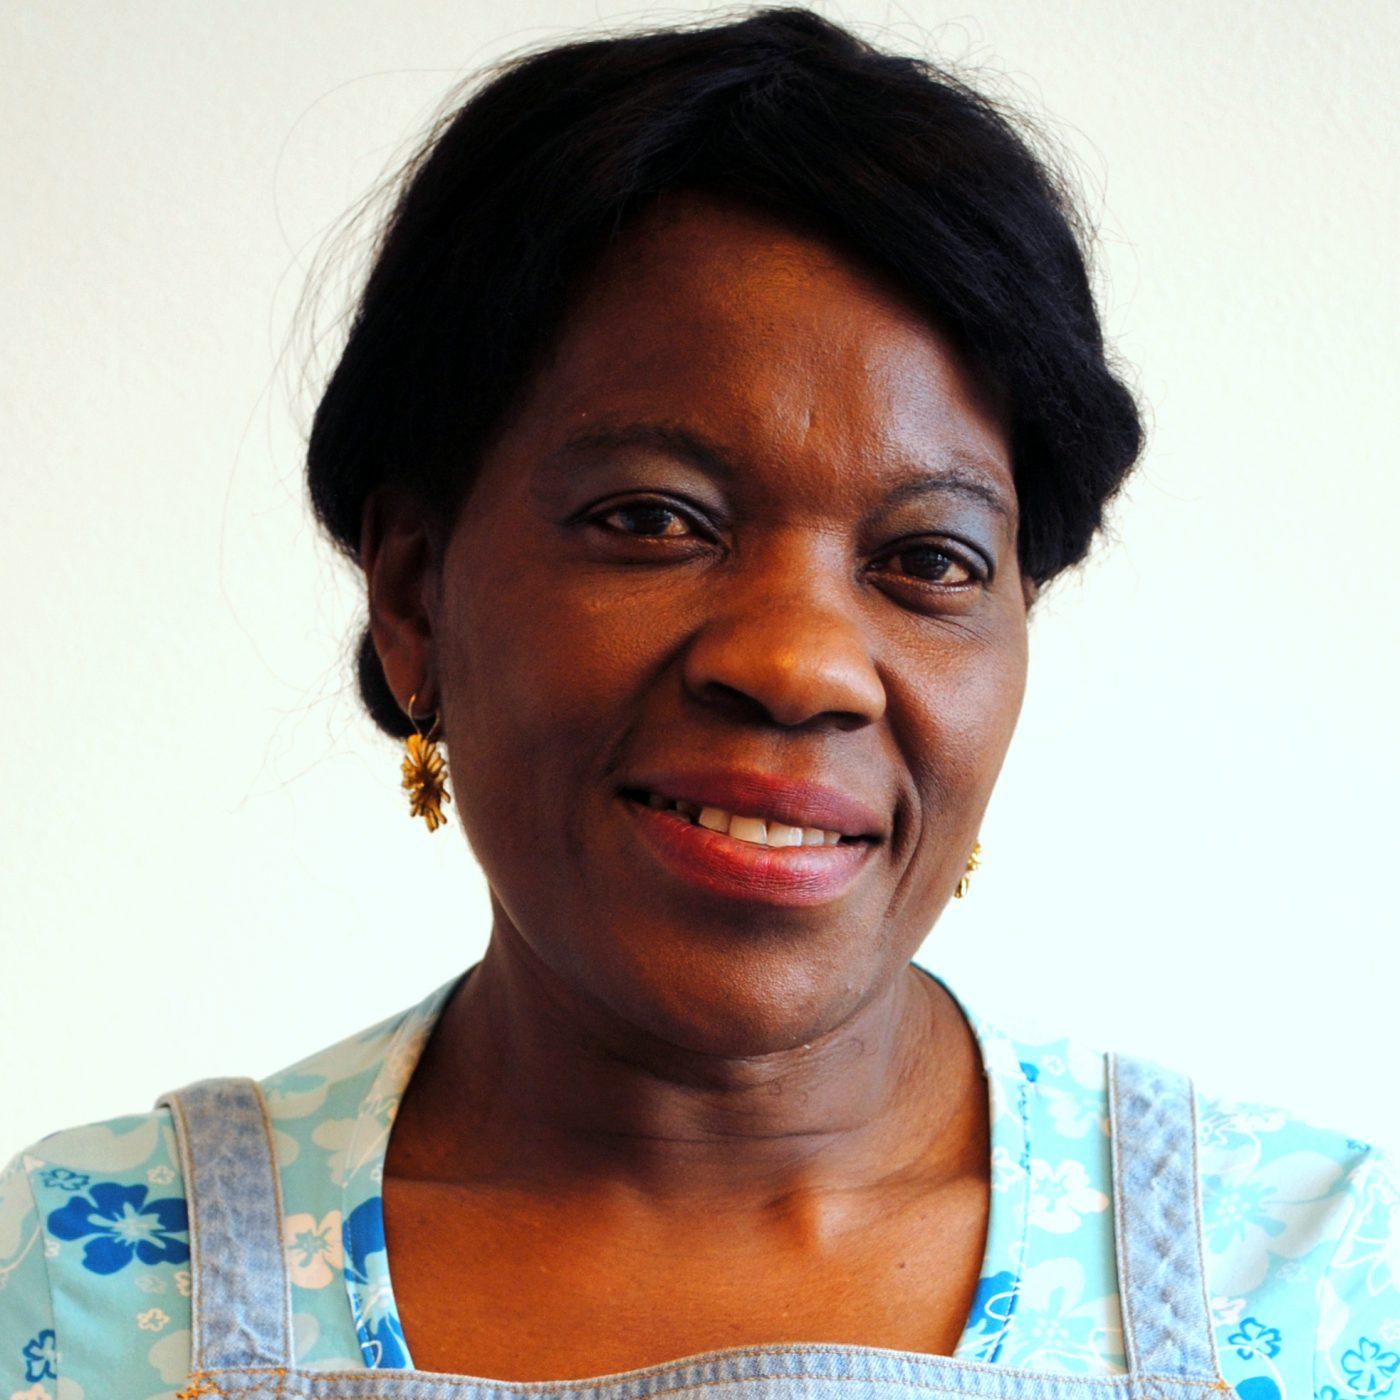 Sonia N'Kele